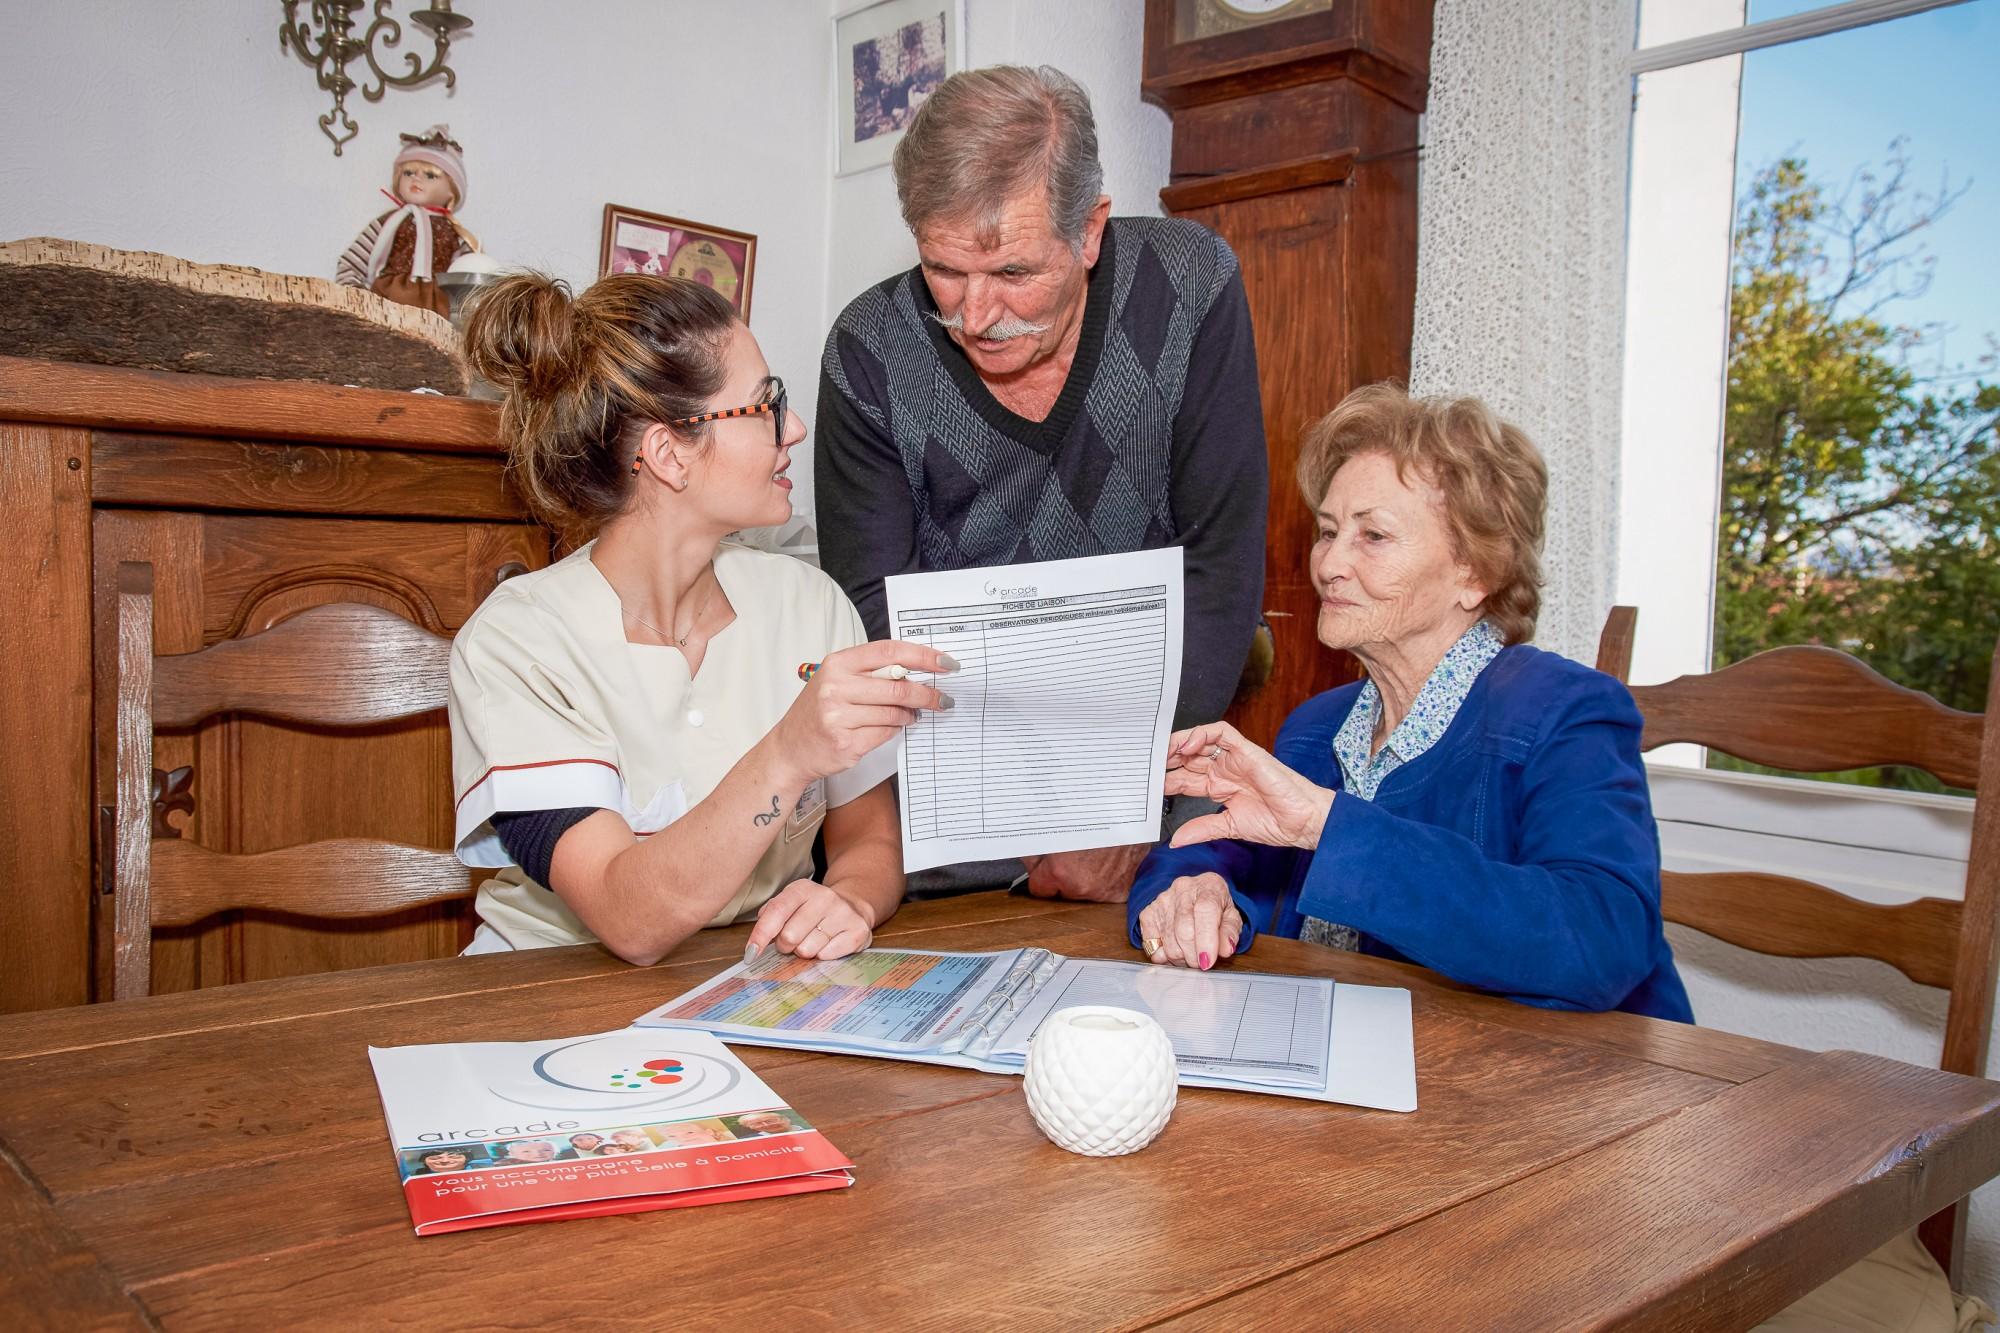 Bel âge / Seniors : Comment bénéficier d'une aide et d'une assistance à domicile lorsque l'on a plus de 60 ans ?